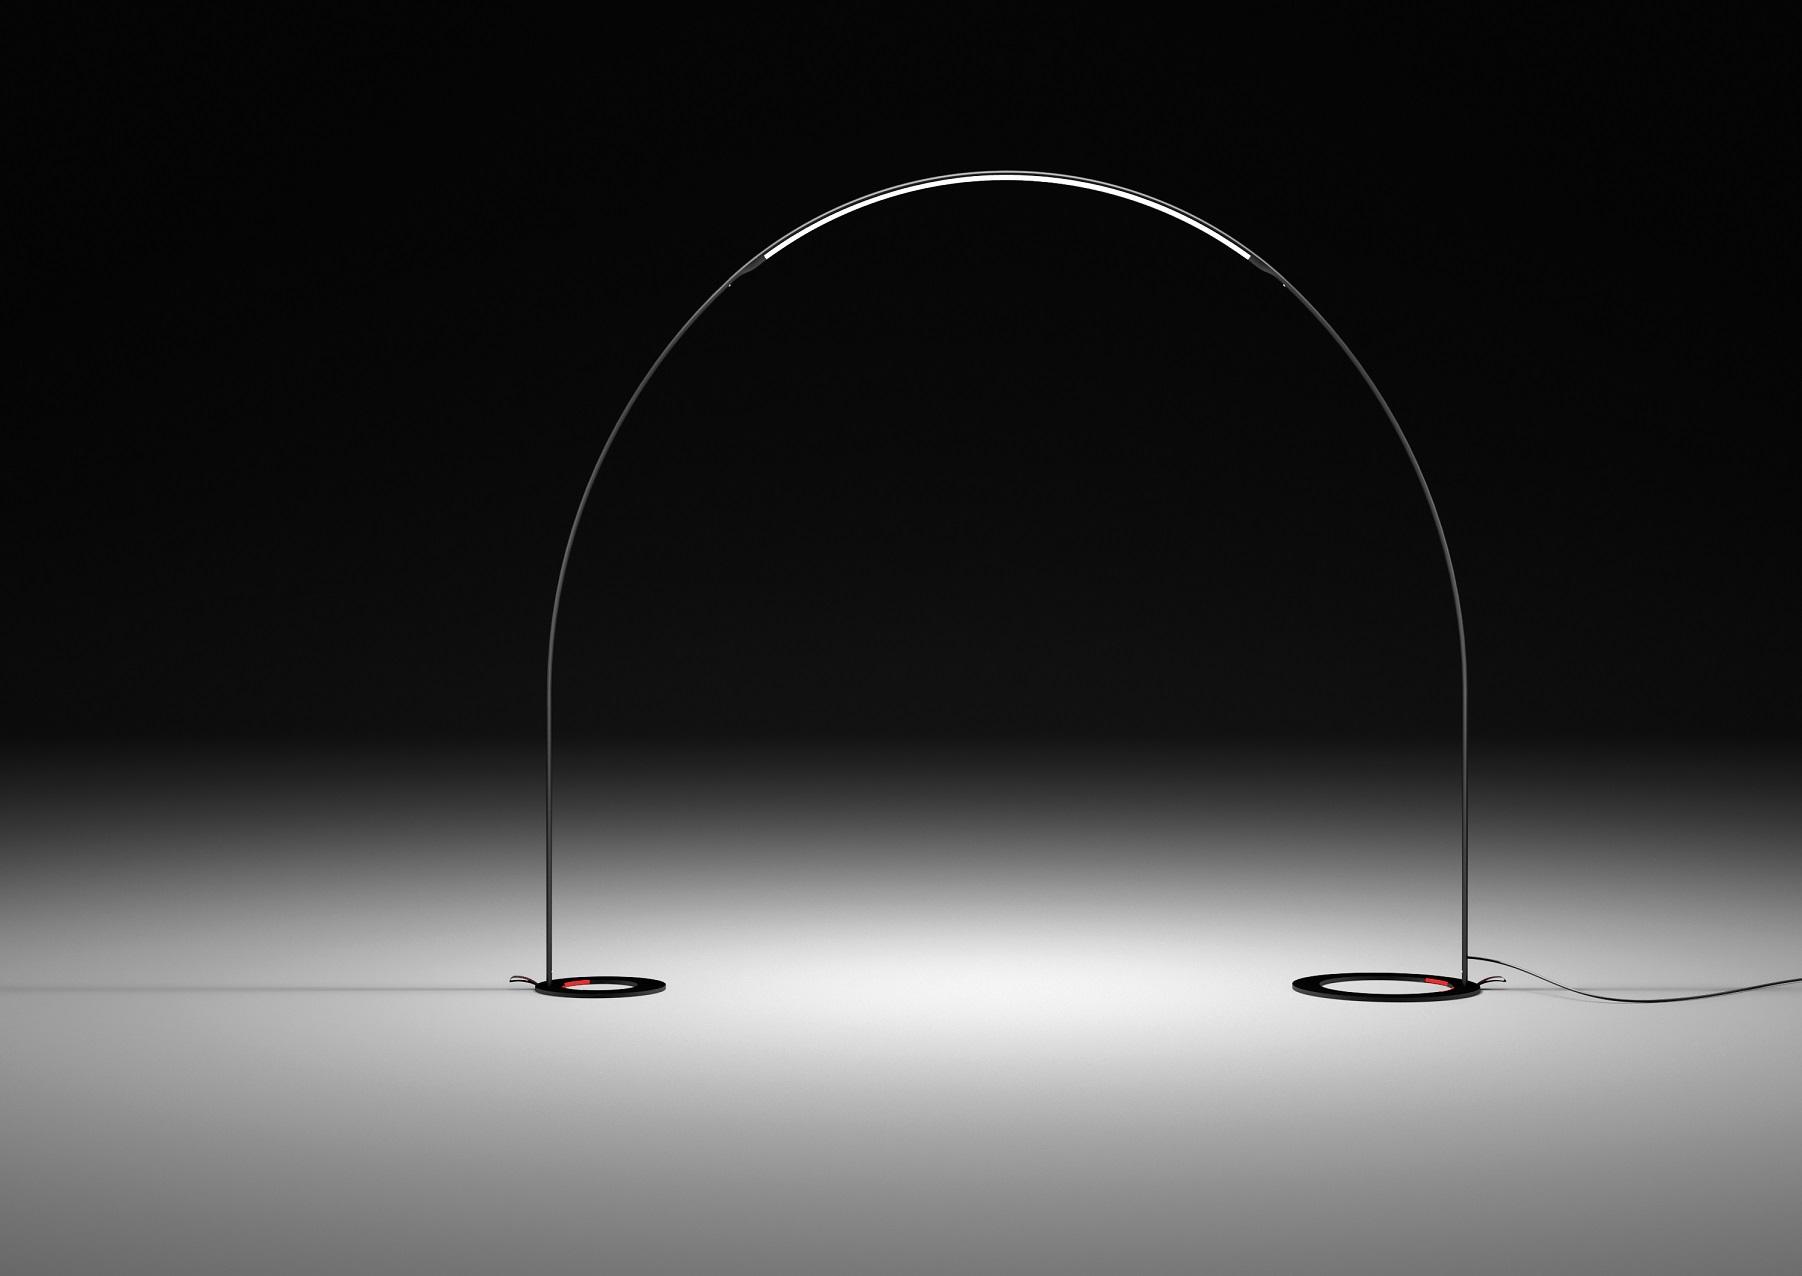 Beeindruckend Stehlampe Bogen Das Beste Von Imagen 6 De Halley Basis - Basis